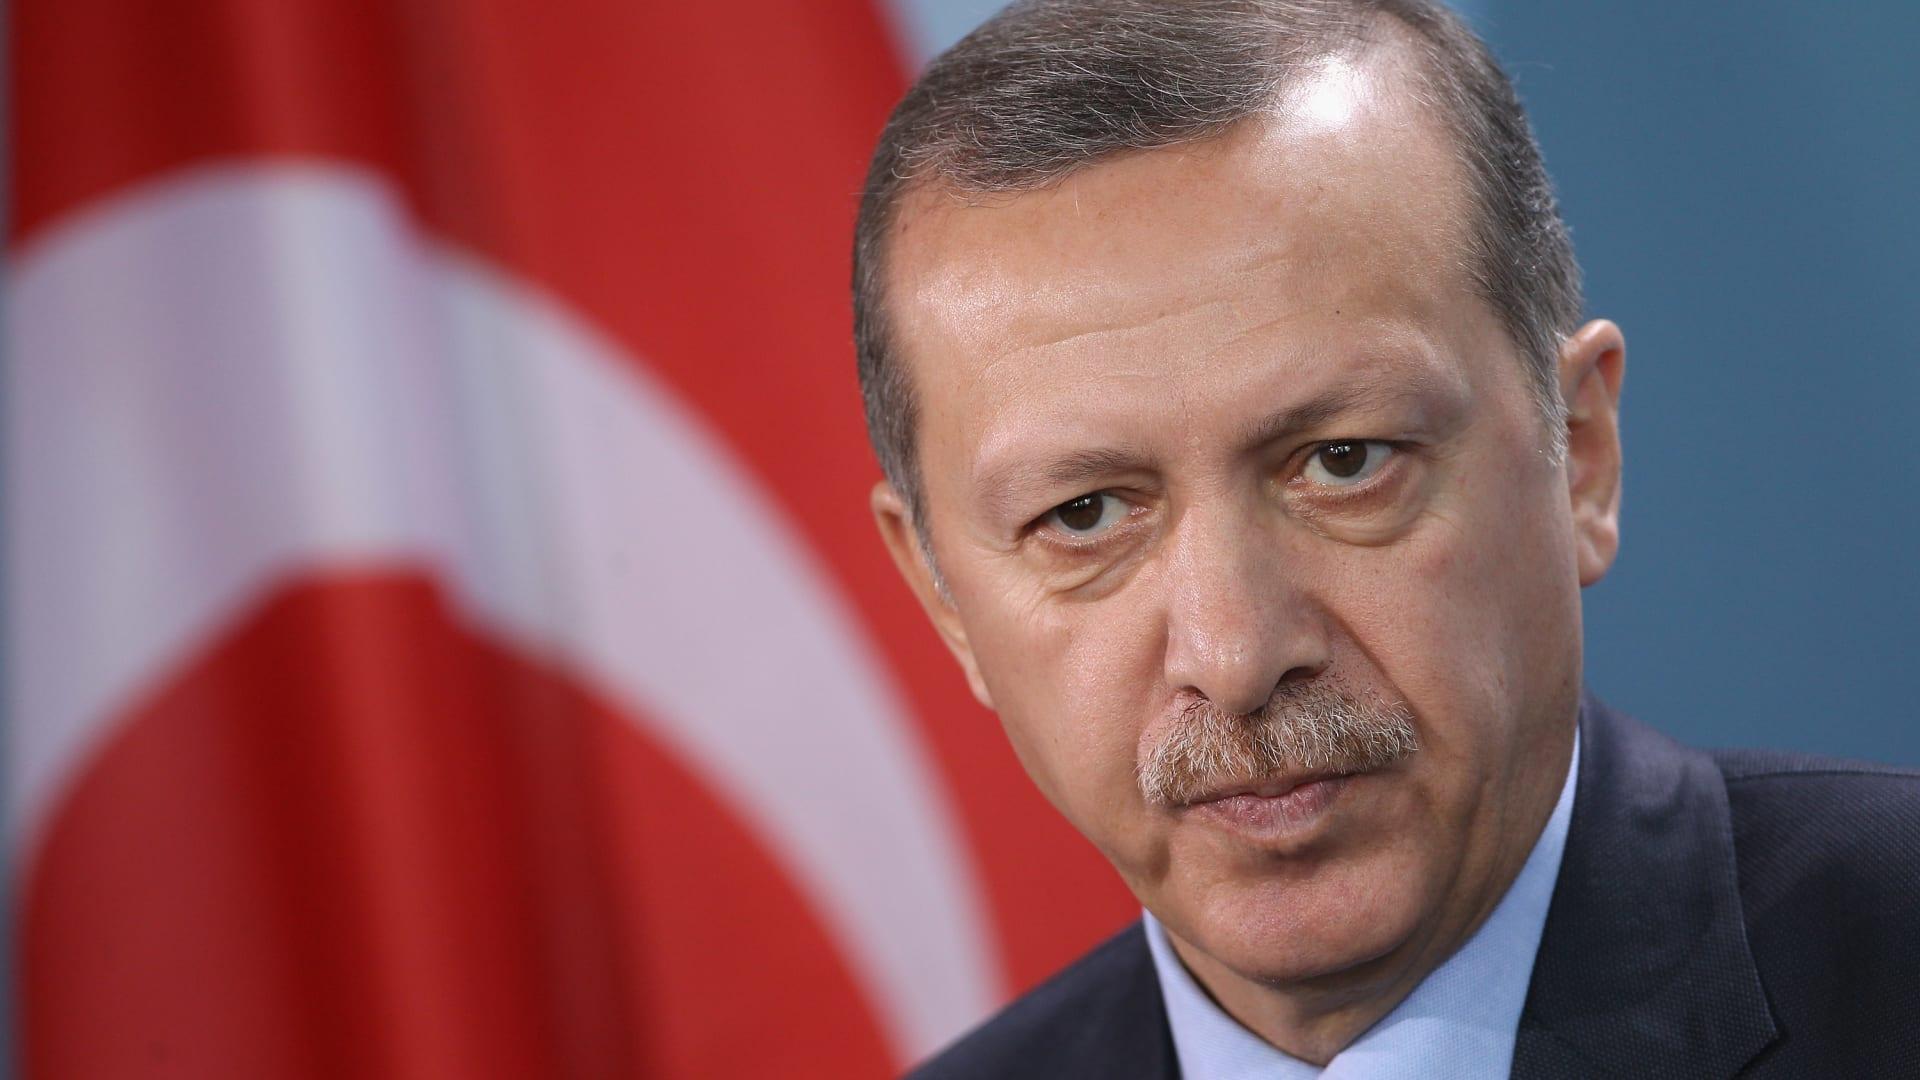 """تركيا تلغي تعليم """"نظرية التطور"""" لداروين في المدارس.. والنقاد: خطوة من حزب أردوغان لجعل الدولة أكثر تحفظاً"""